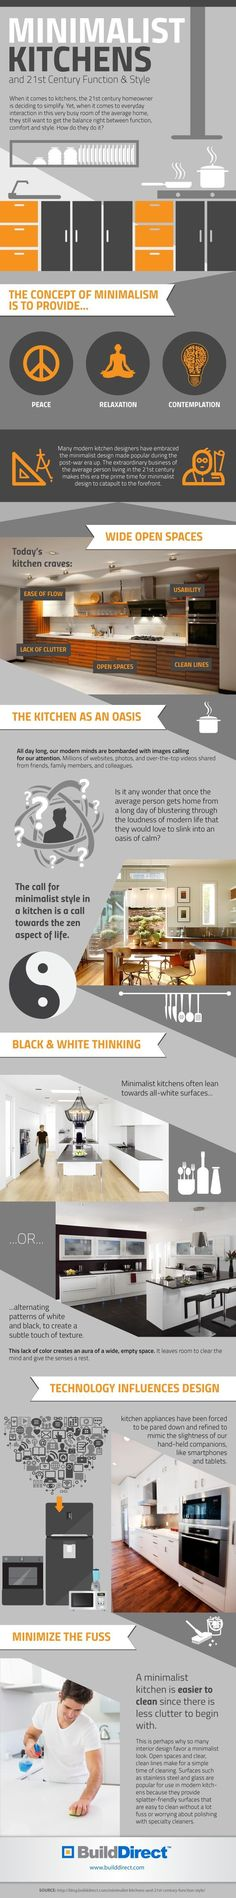 BuildDirect Minimalist Kitchen v1 copy Minimalist Kitchen Design: A 21st Century Design Trend